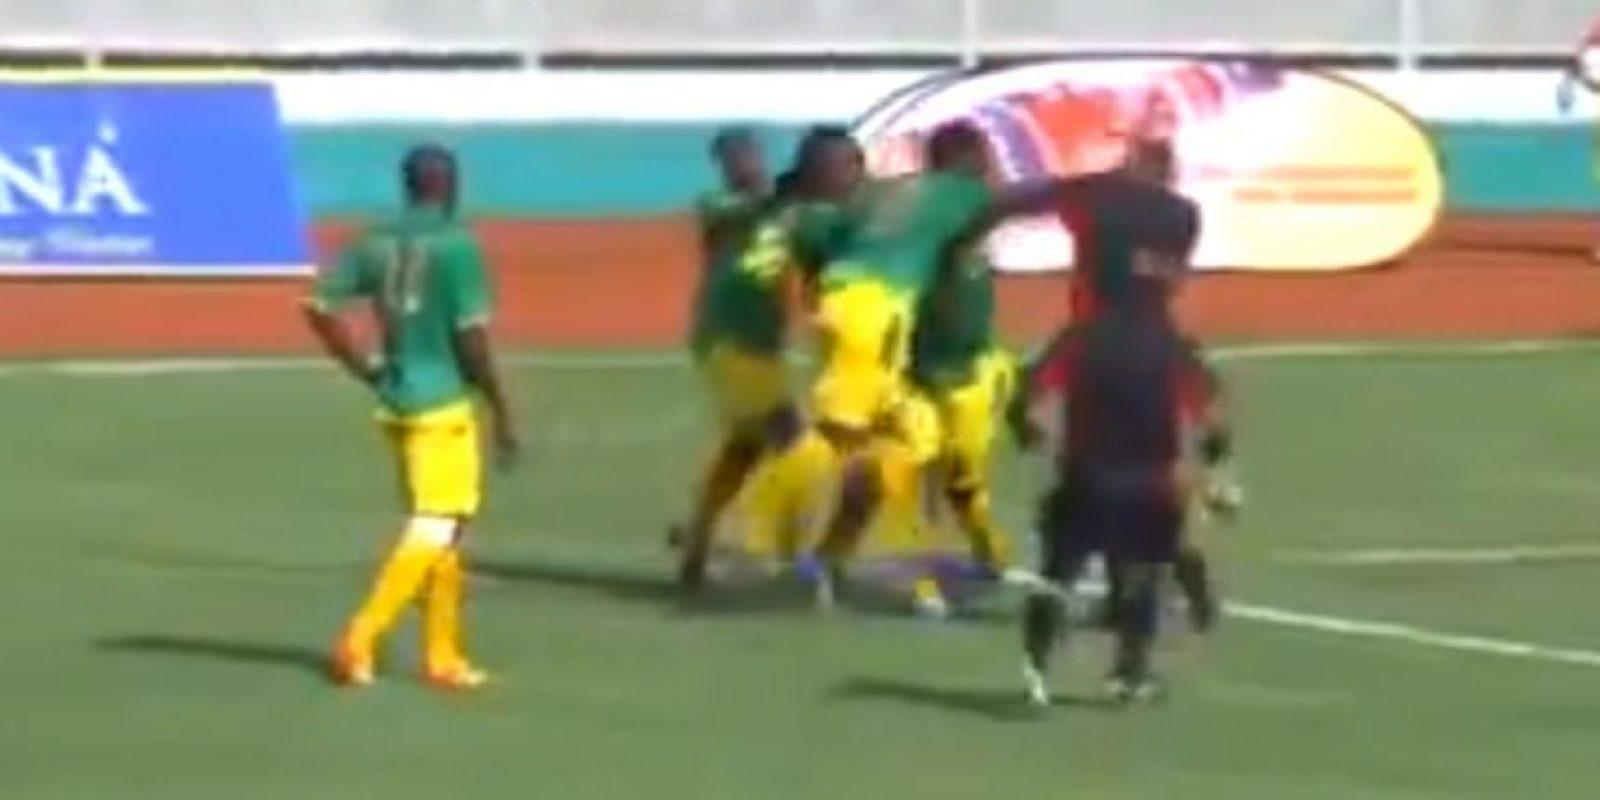 Evitando que el colegiado sacara la tarjeta roja a un compañero, Stephano Mwasika golpeó en la cara al árbitro. Foto:vía YouTube